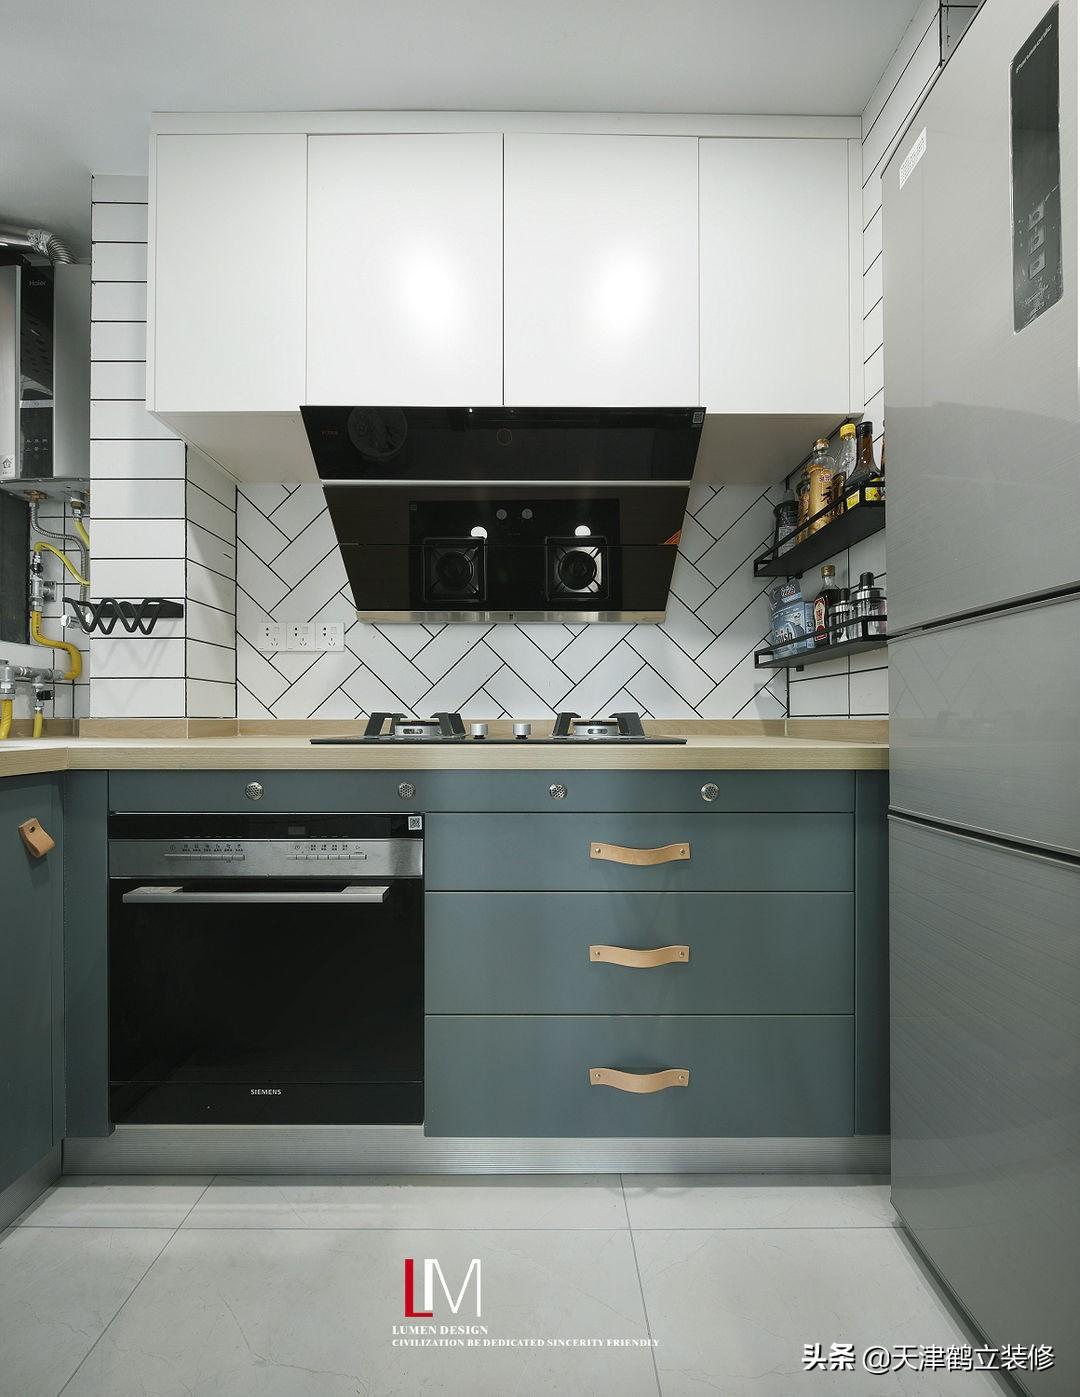 天津鹤立装修——厨房装修中的12个细节,早点知道就好了!